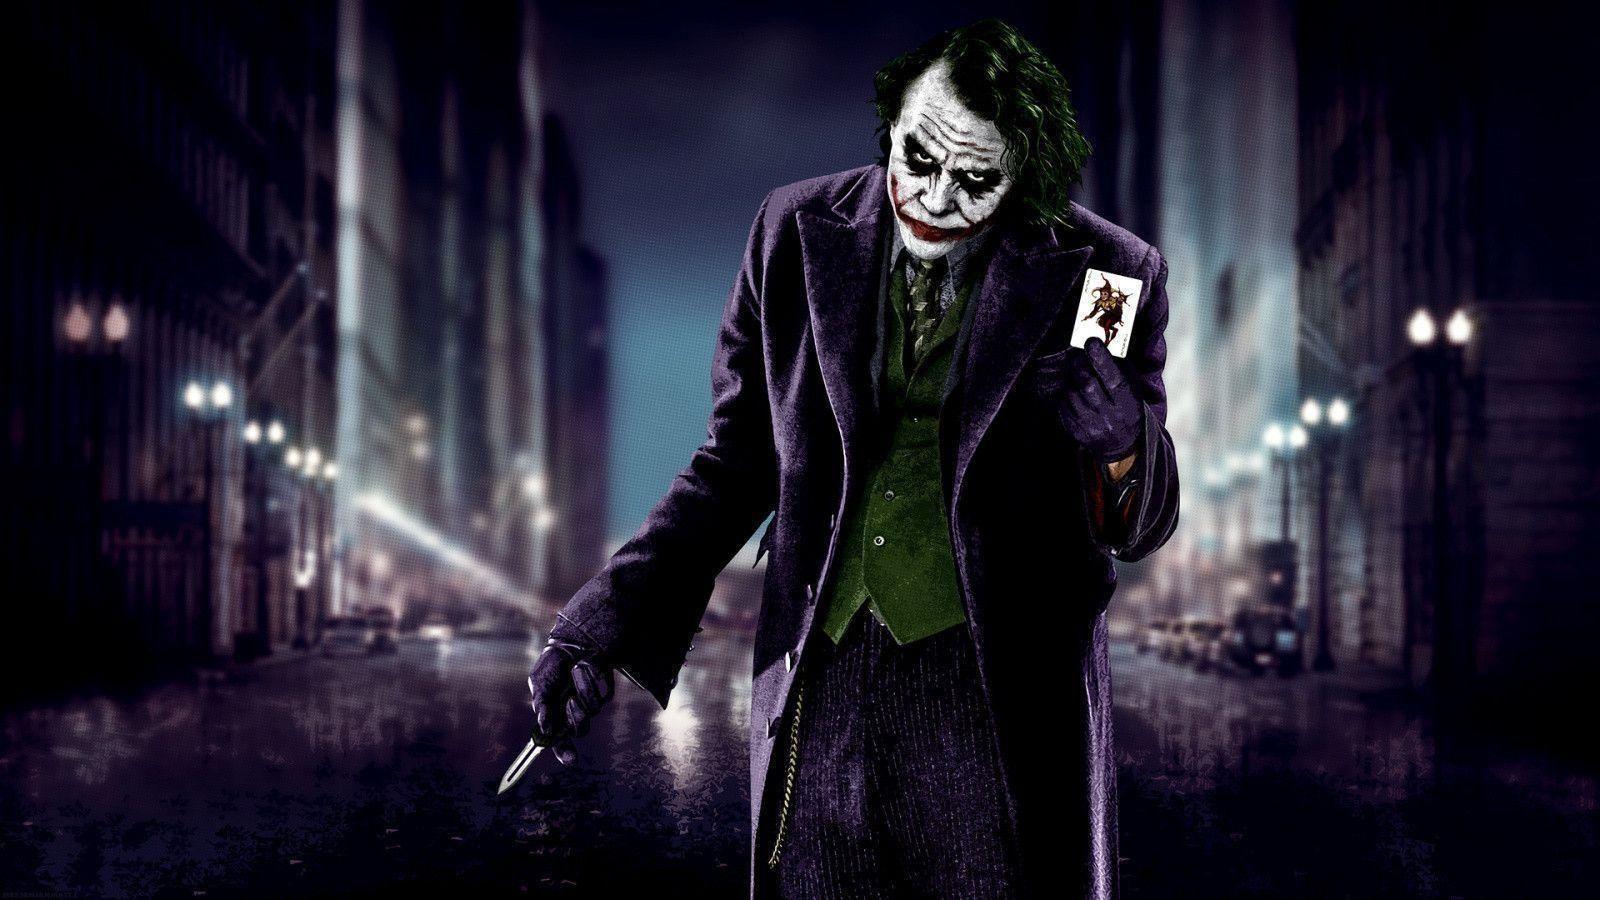 10 Latest Joker Wallpaper Dark Knight Full Hd 1080p For Pc Background Joker Wallpapers Dark Knight Joker Costume Joker Costume